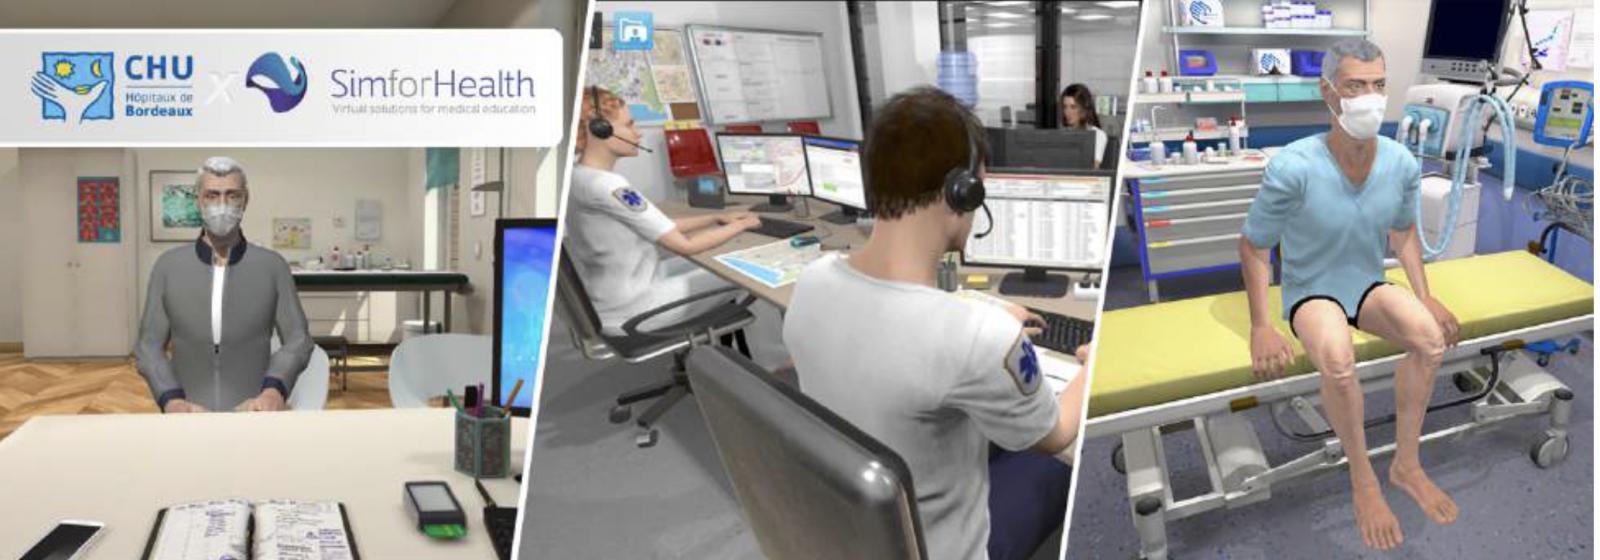 Le CHU de Bordeaux et SimforHealth créent le Covid-19: le CHU de Bordeaux et SimForHealth créent un simulateur numérique de formation pour les soignants